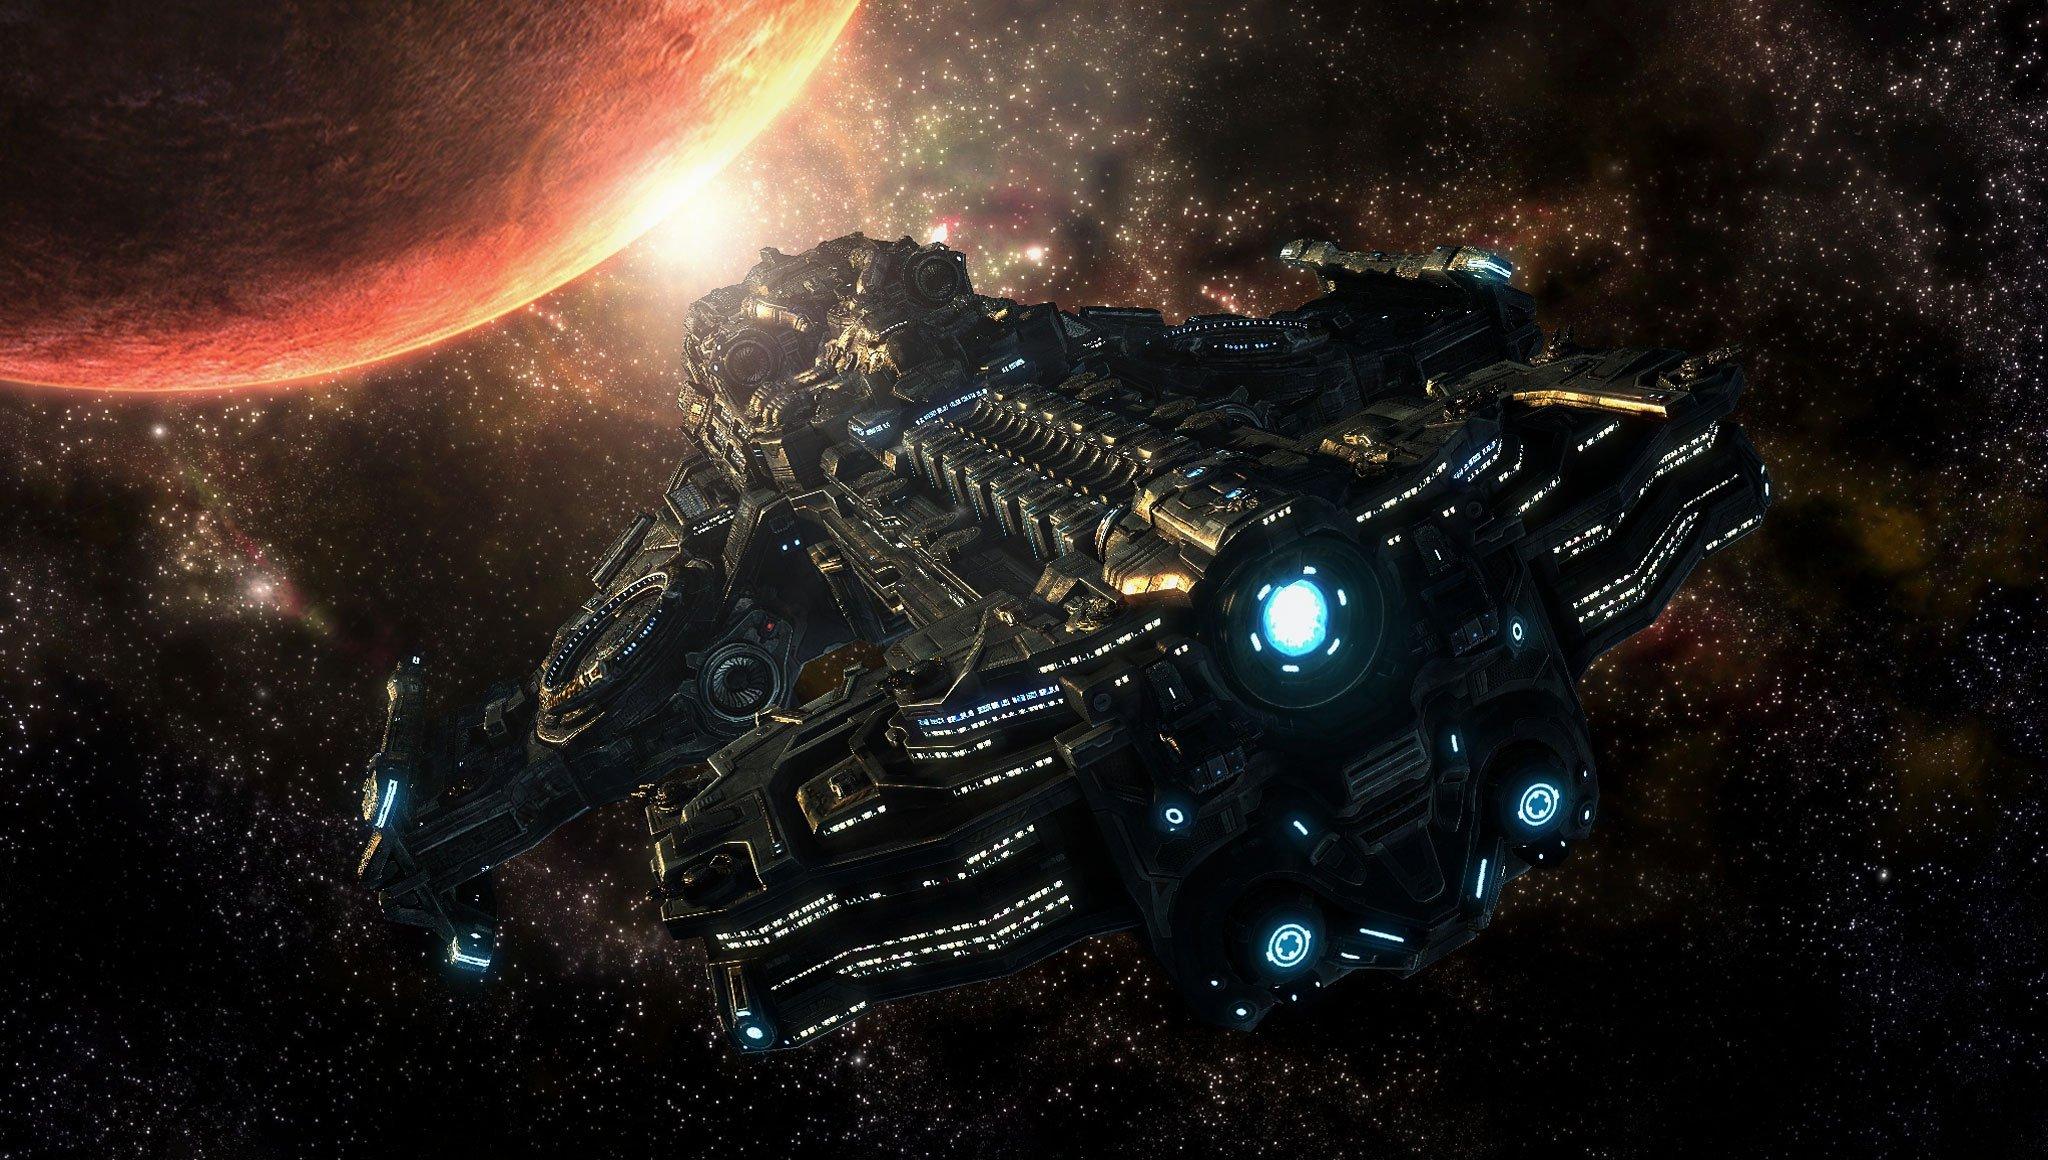 Fuentes de Informacin   Wallpapers Starcraft II Coleccin 2 2048x1160